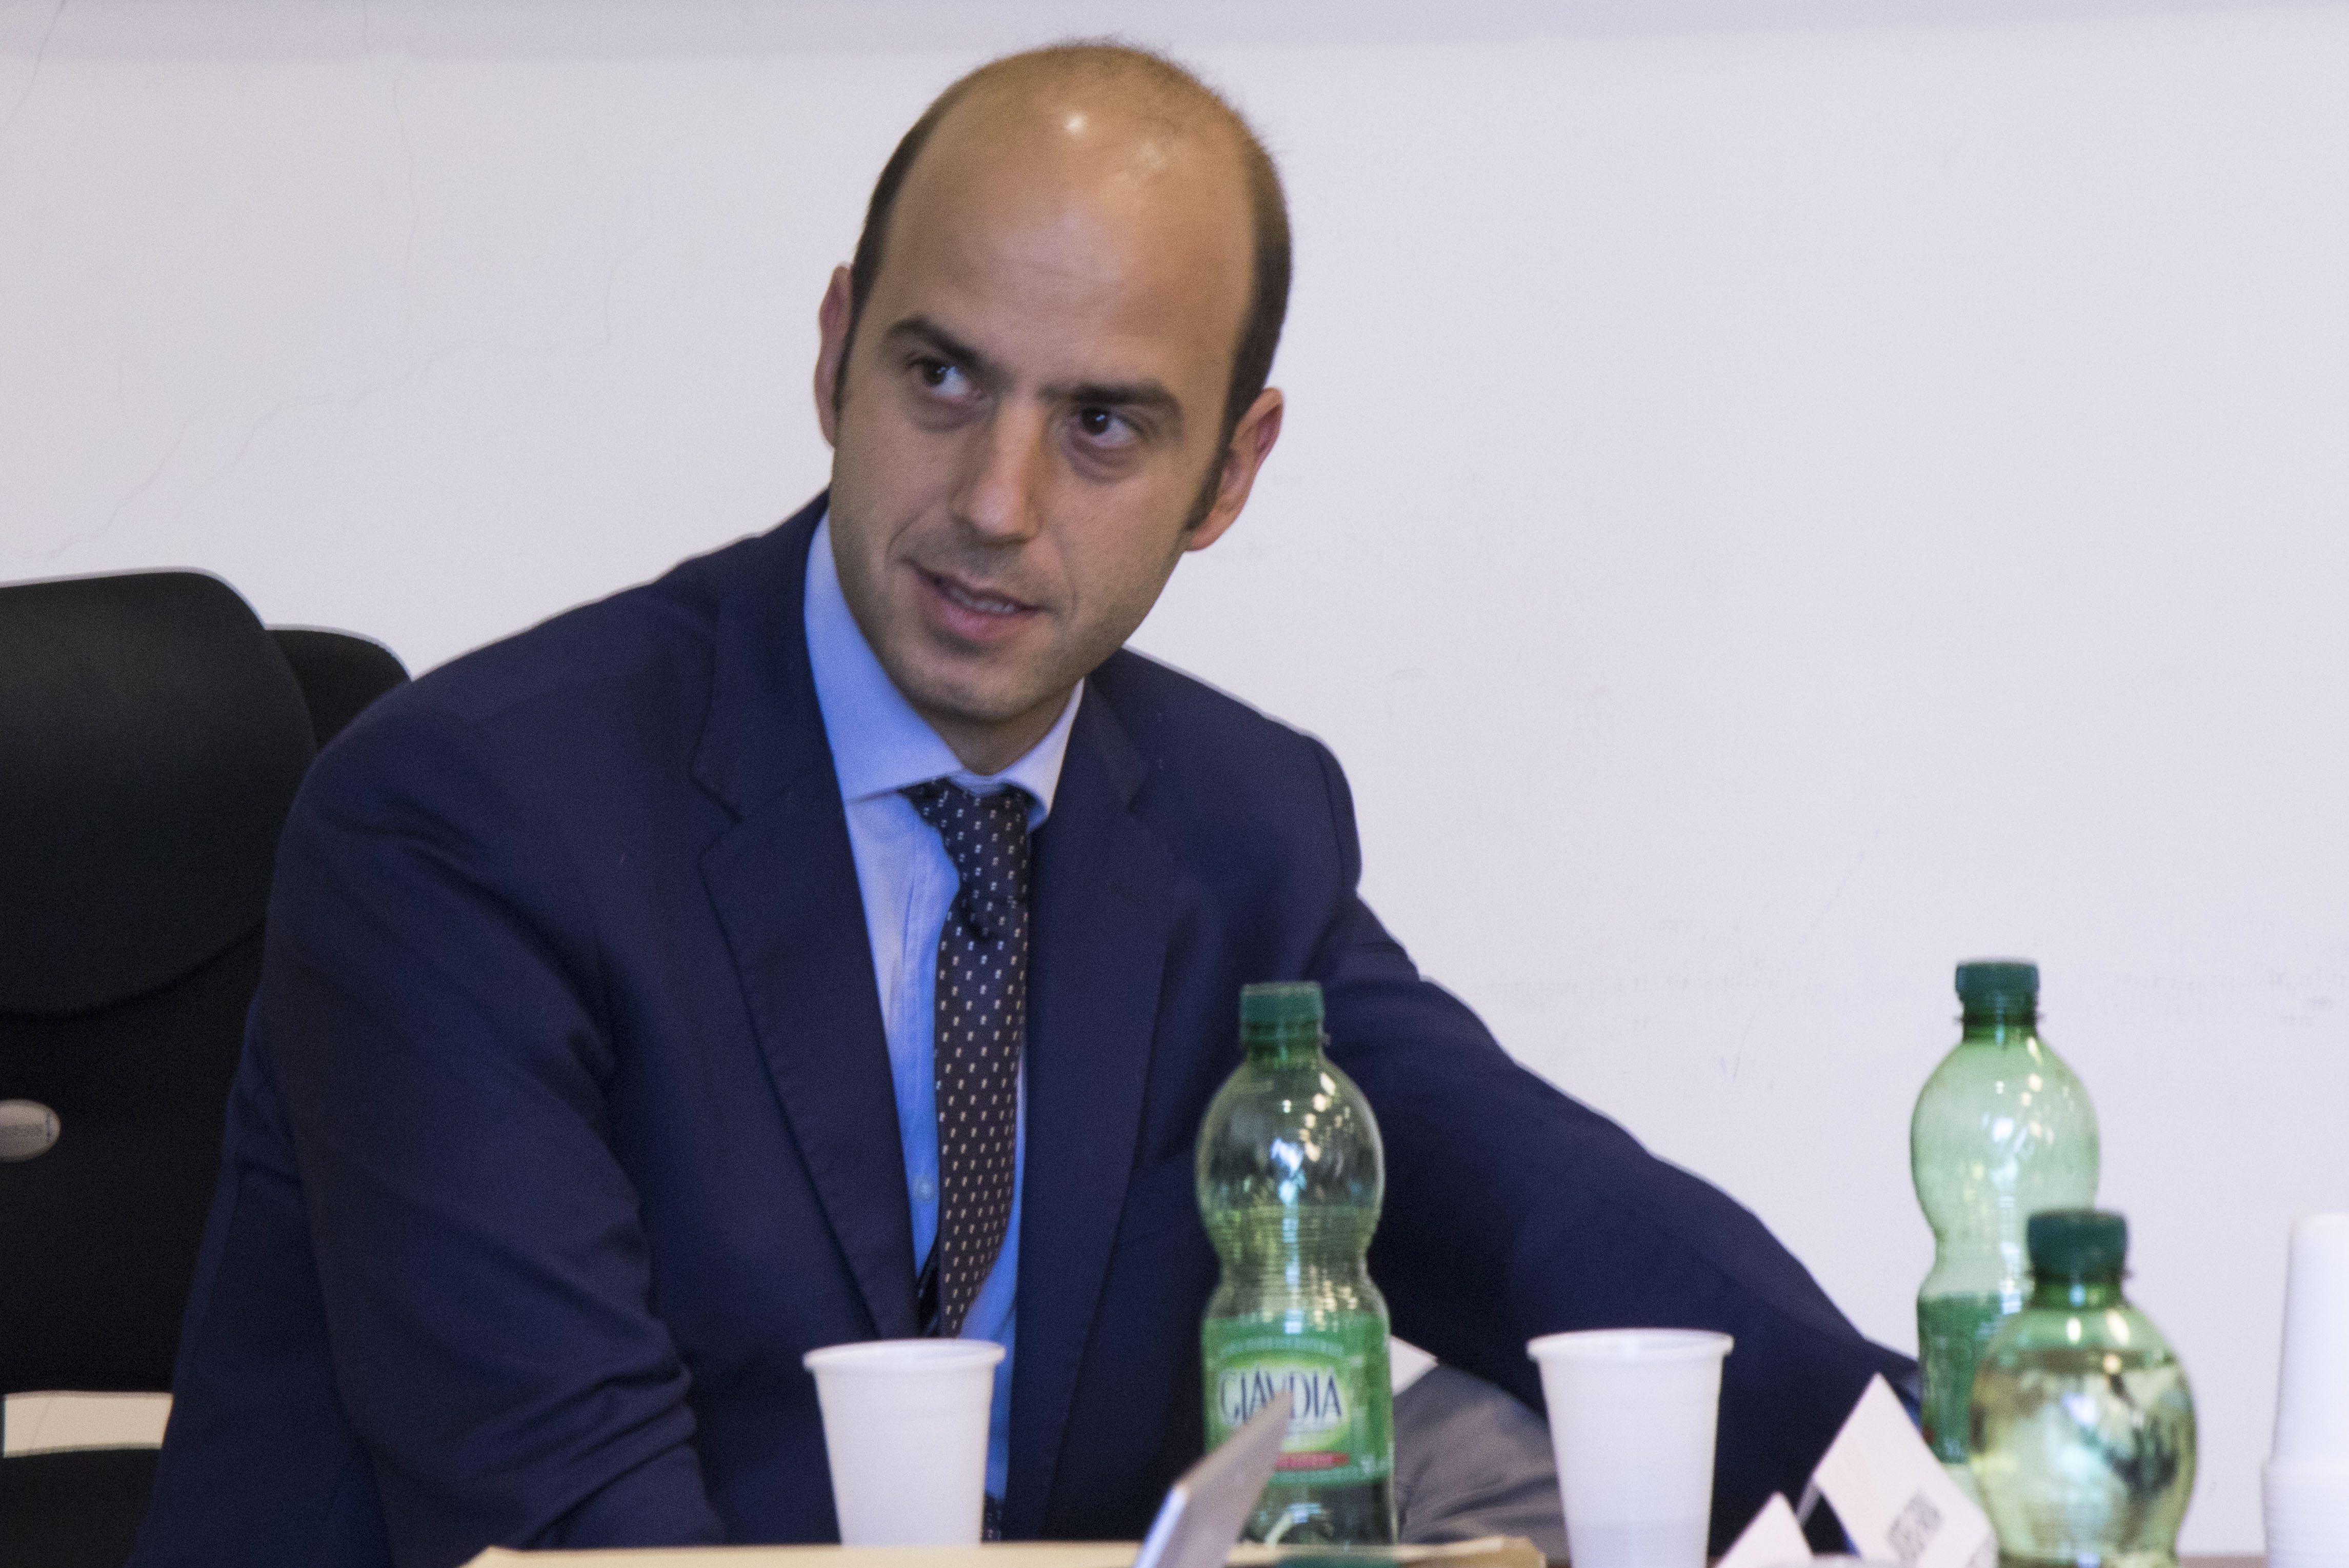 Durissima risposta del Commissario del Forteto Marzetti al Presidente della Regione Toscana Enrico Rossi, a seguito della richiesta di danni di 5 milioni di euro alla cooperativa attualmente commissariata